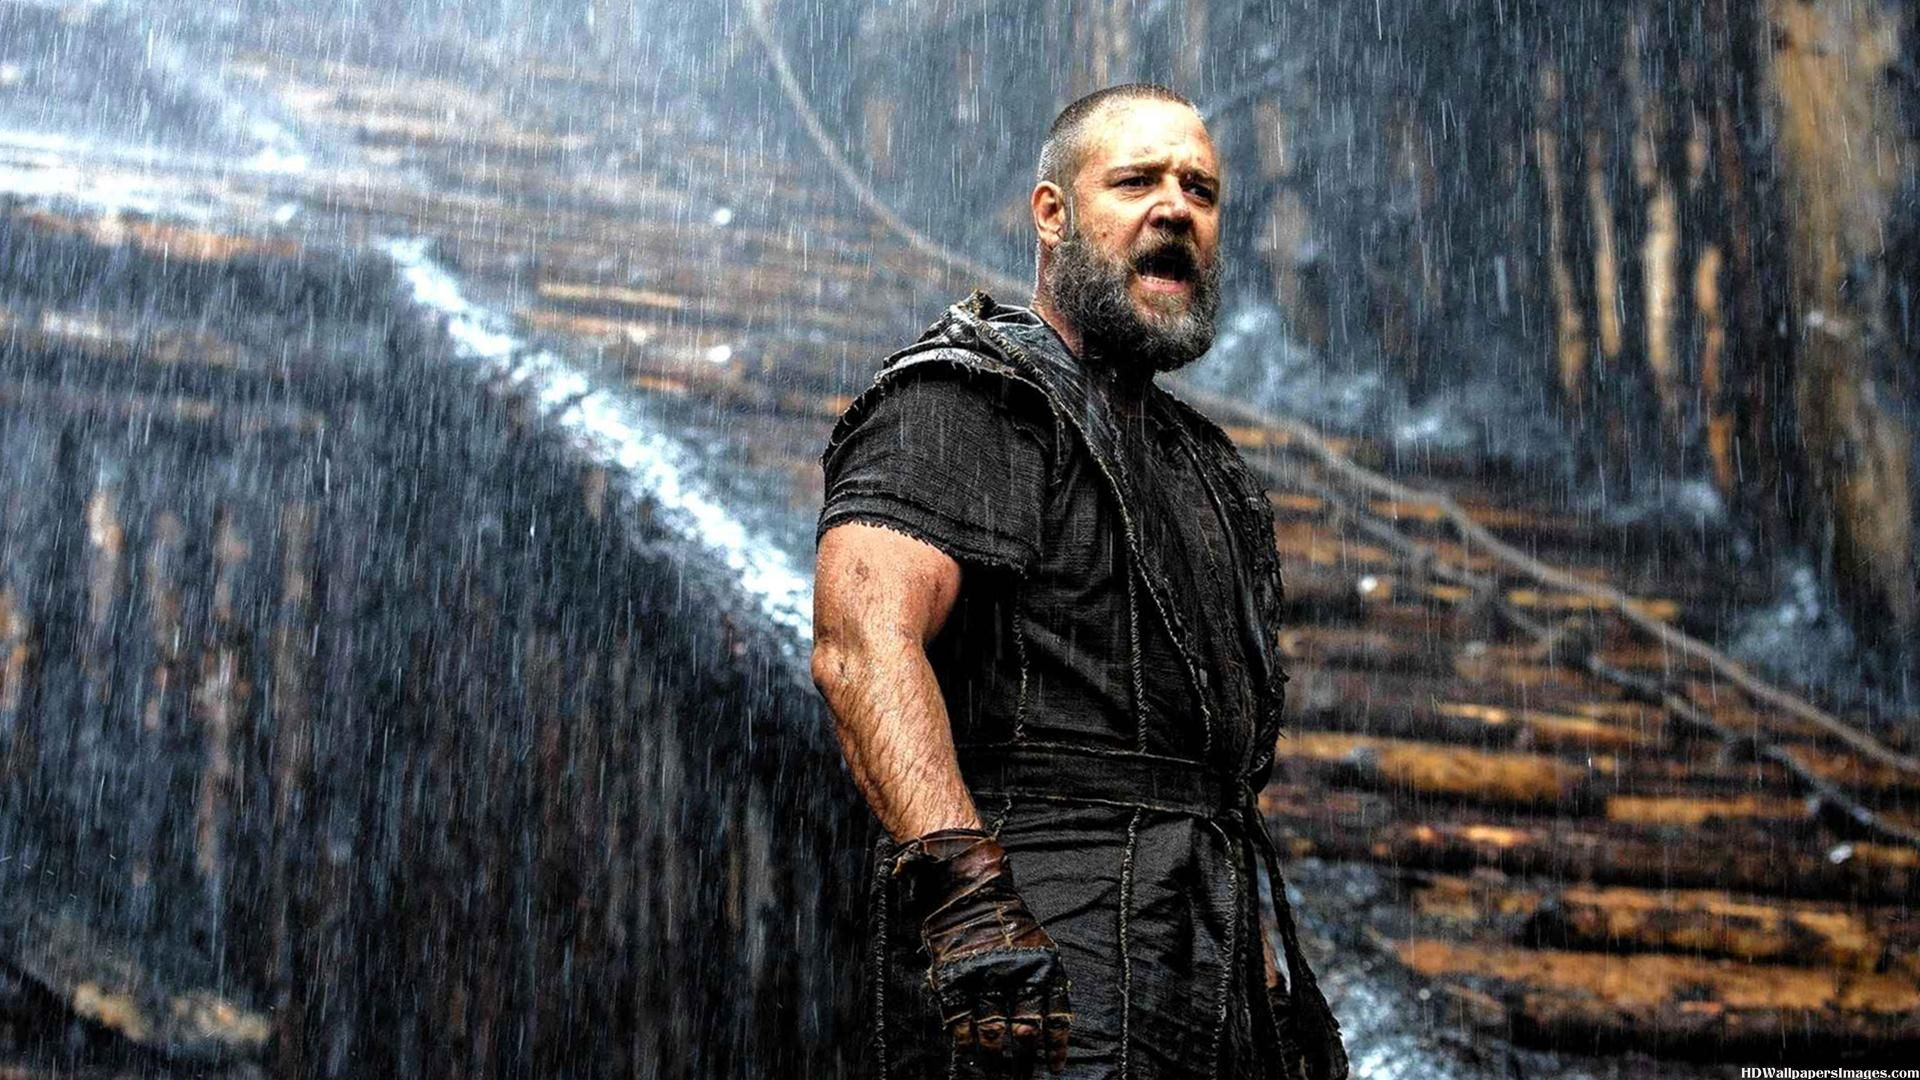 Russell Crowe as Noah (2004)